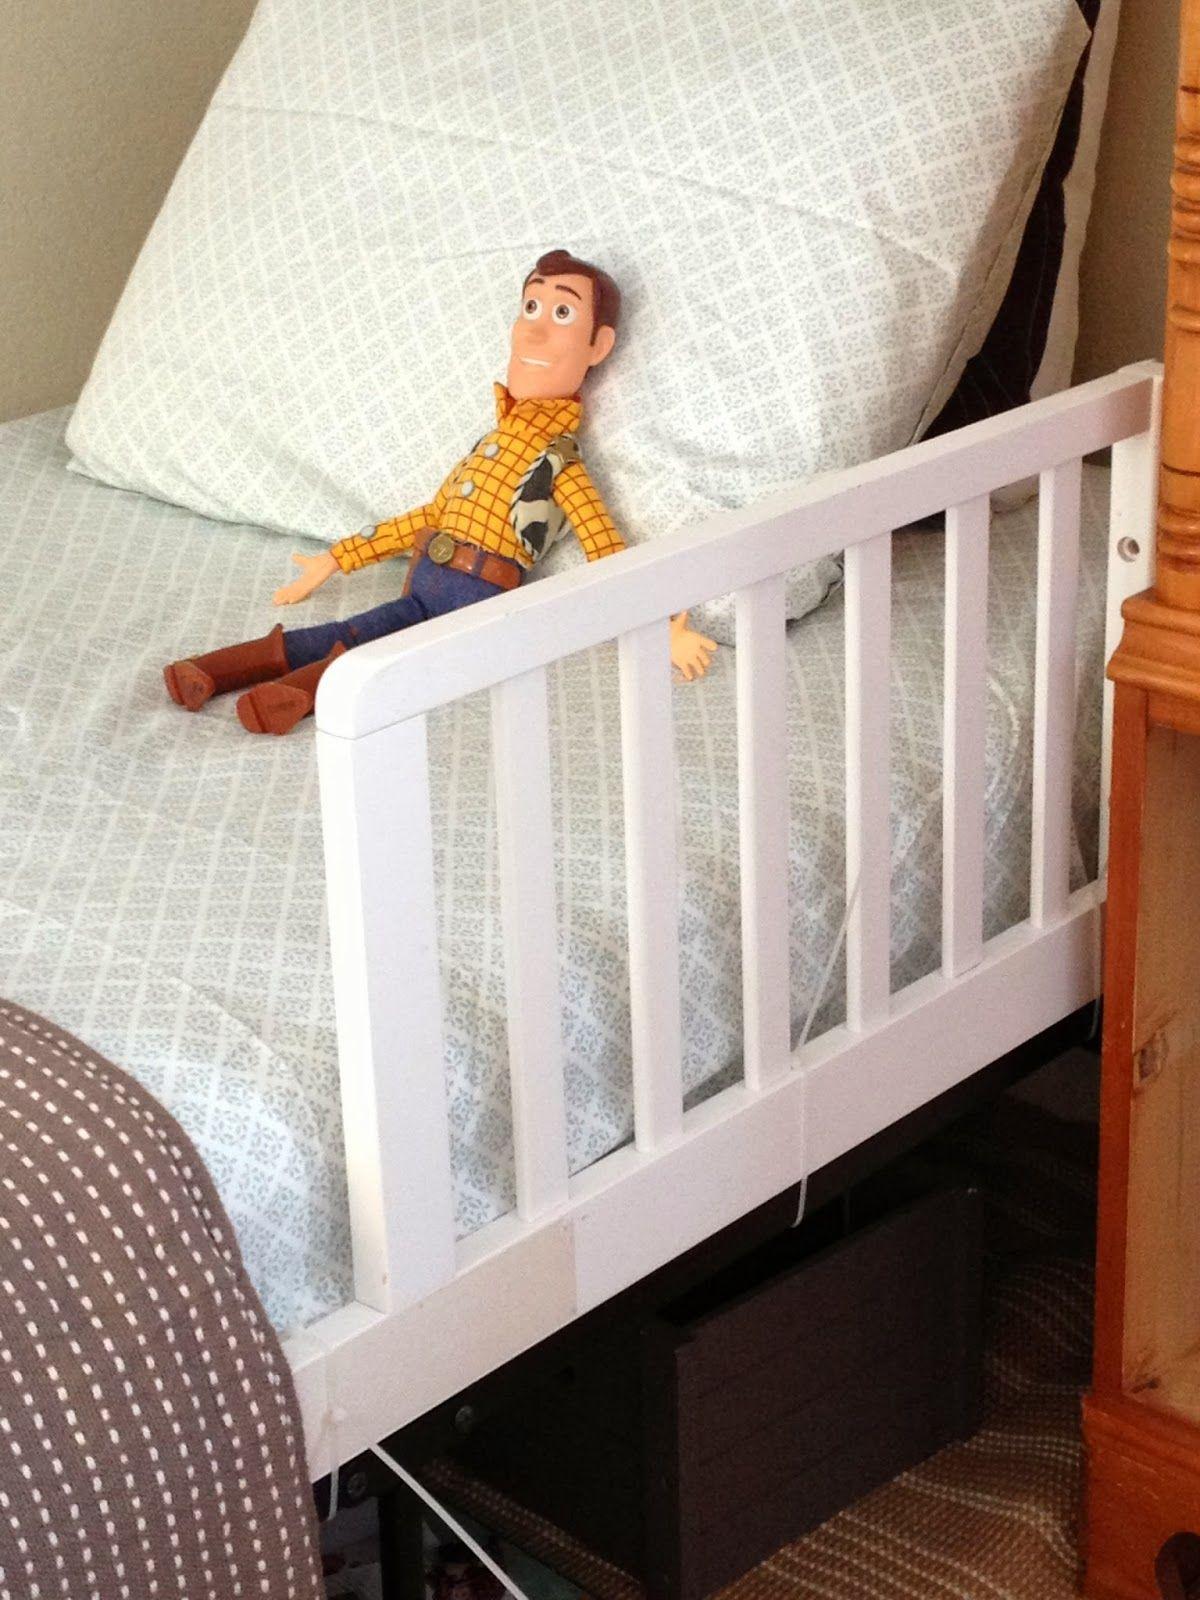 Boys bedroom bed frame for life diy toddler bed diy